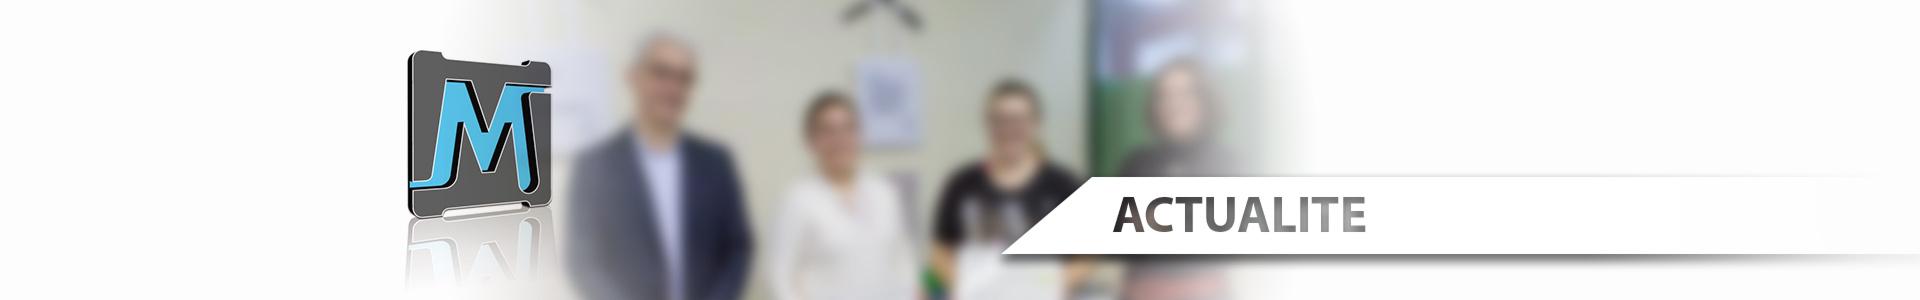 Actualité : De nouvelles Formations CQP avec Alizée Plasturgie pour les employés de Meridies